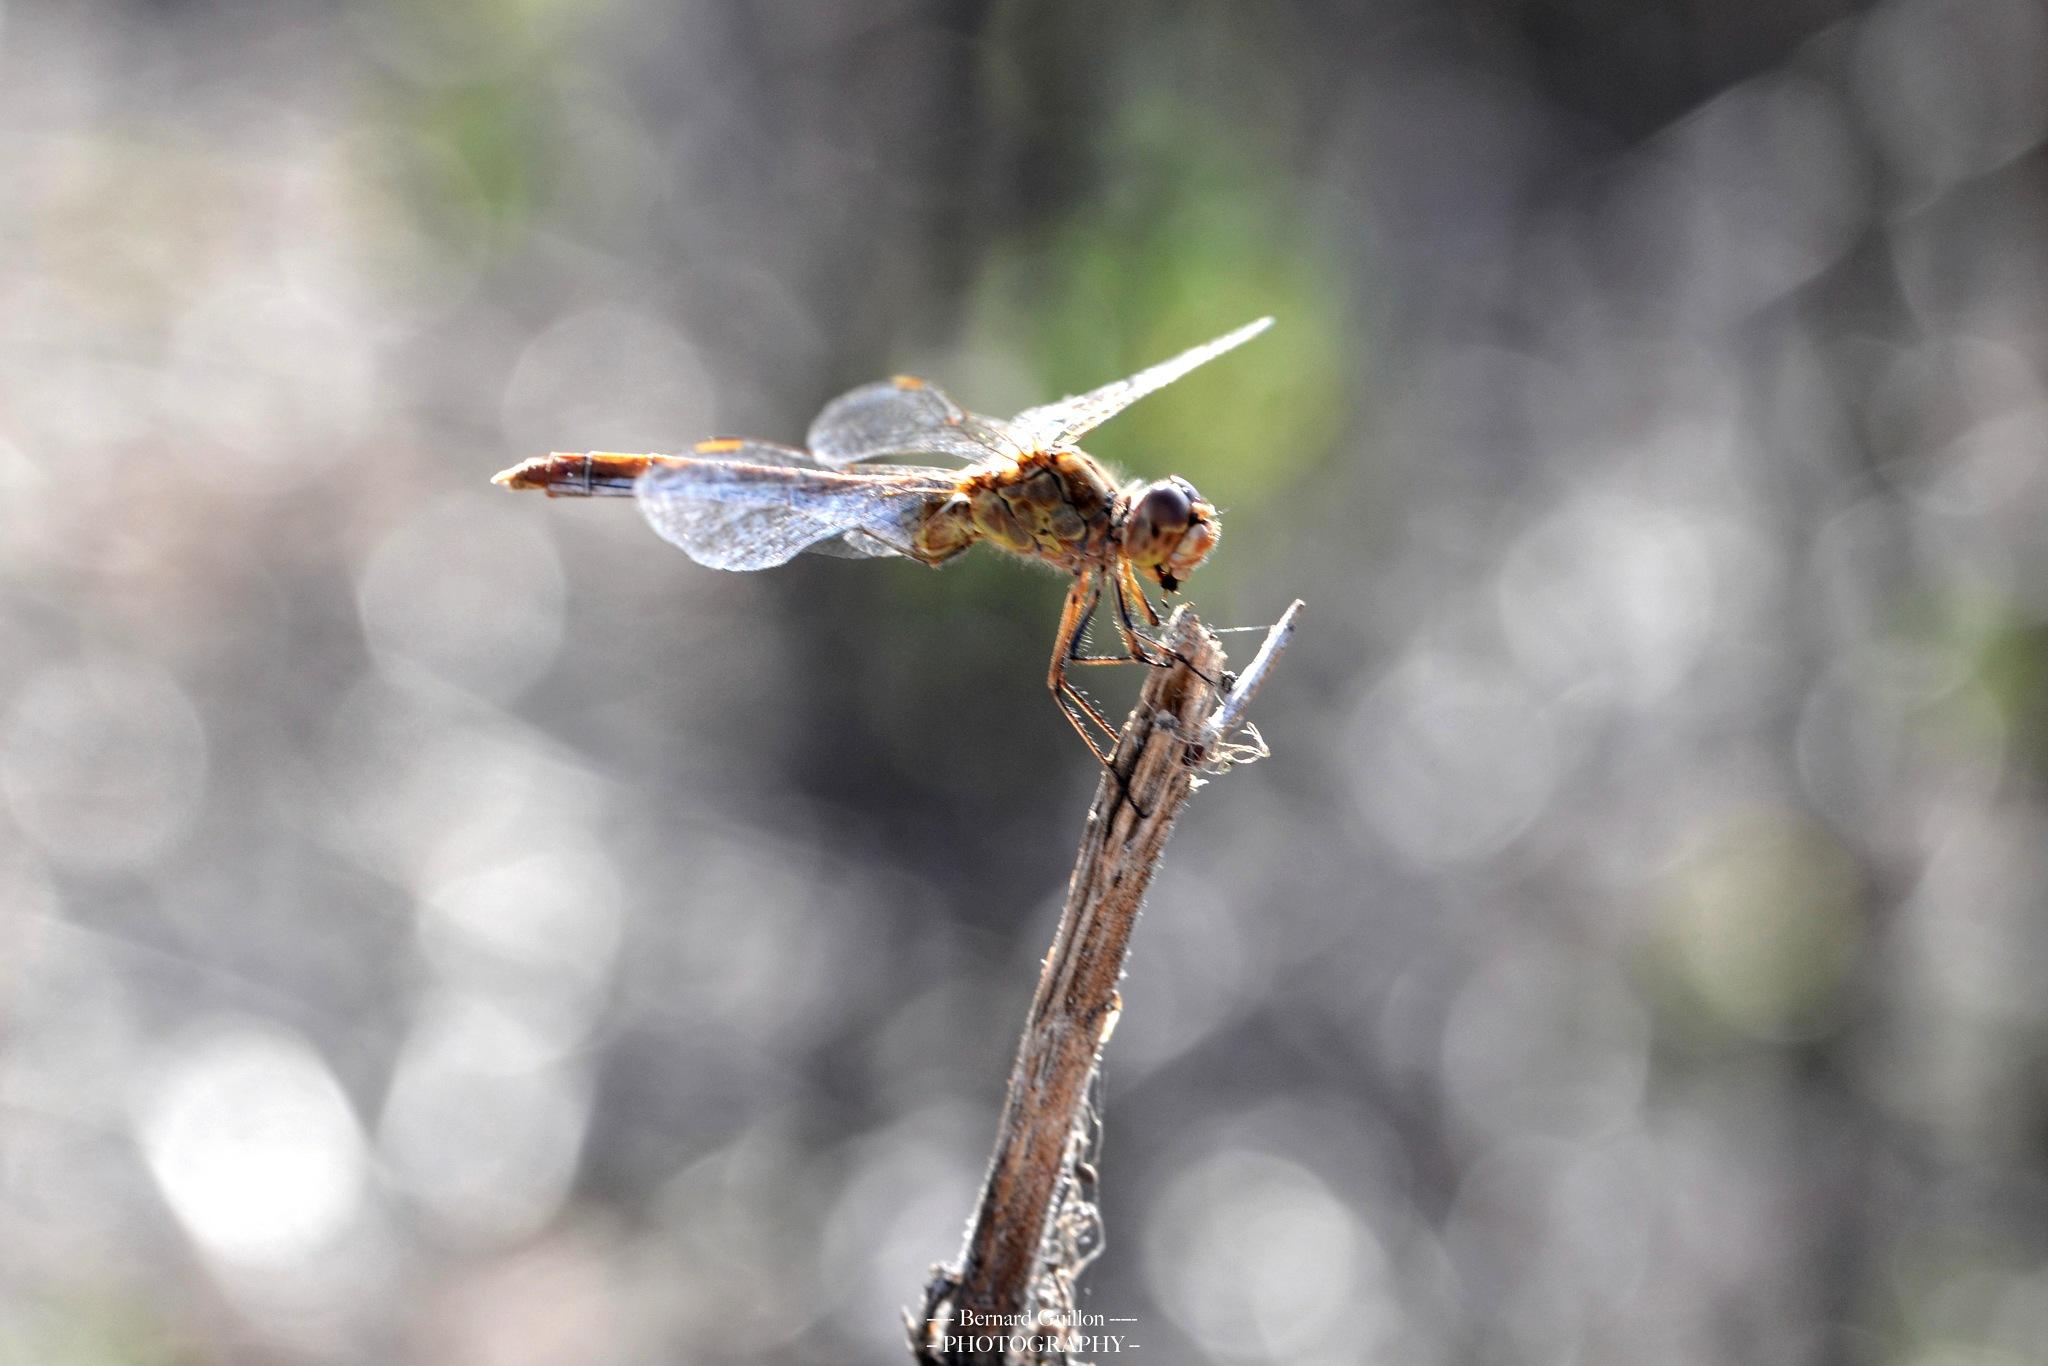 A dragonfly by Bernard Guillon